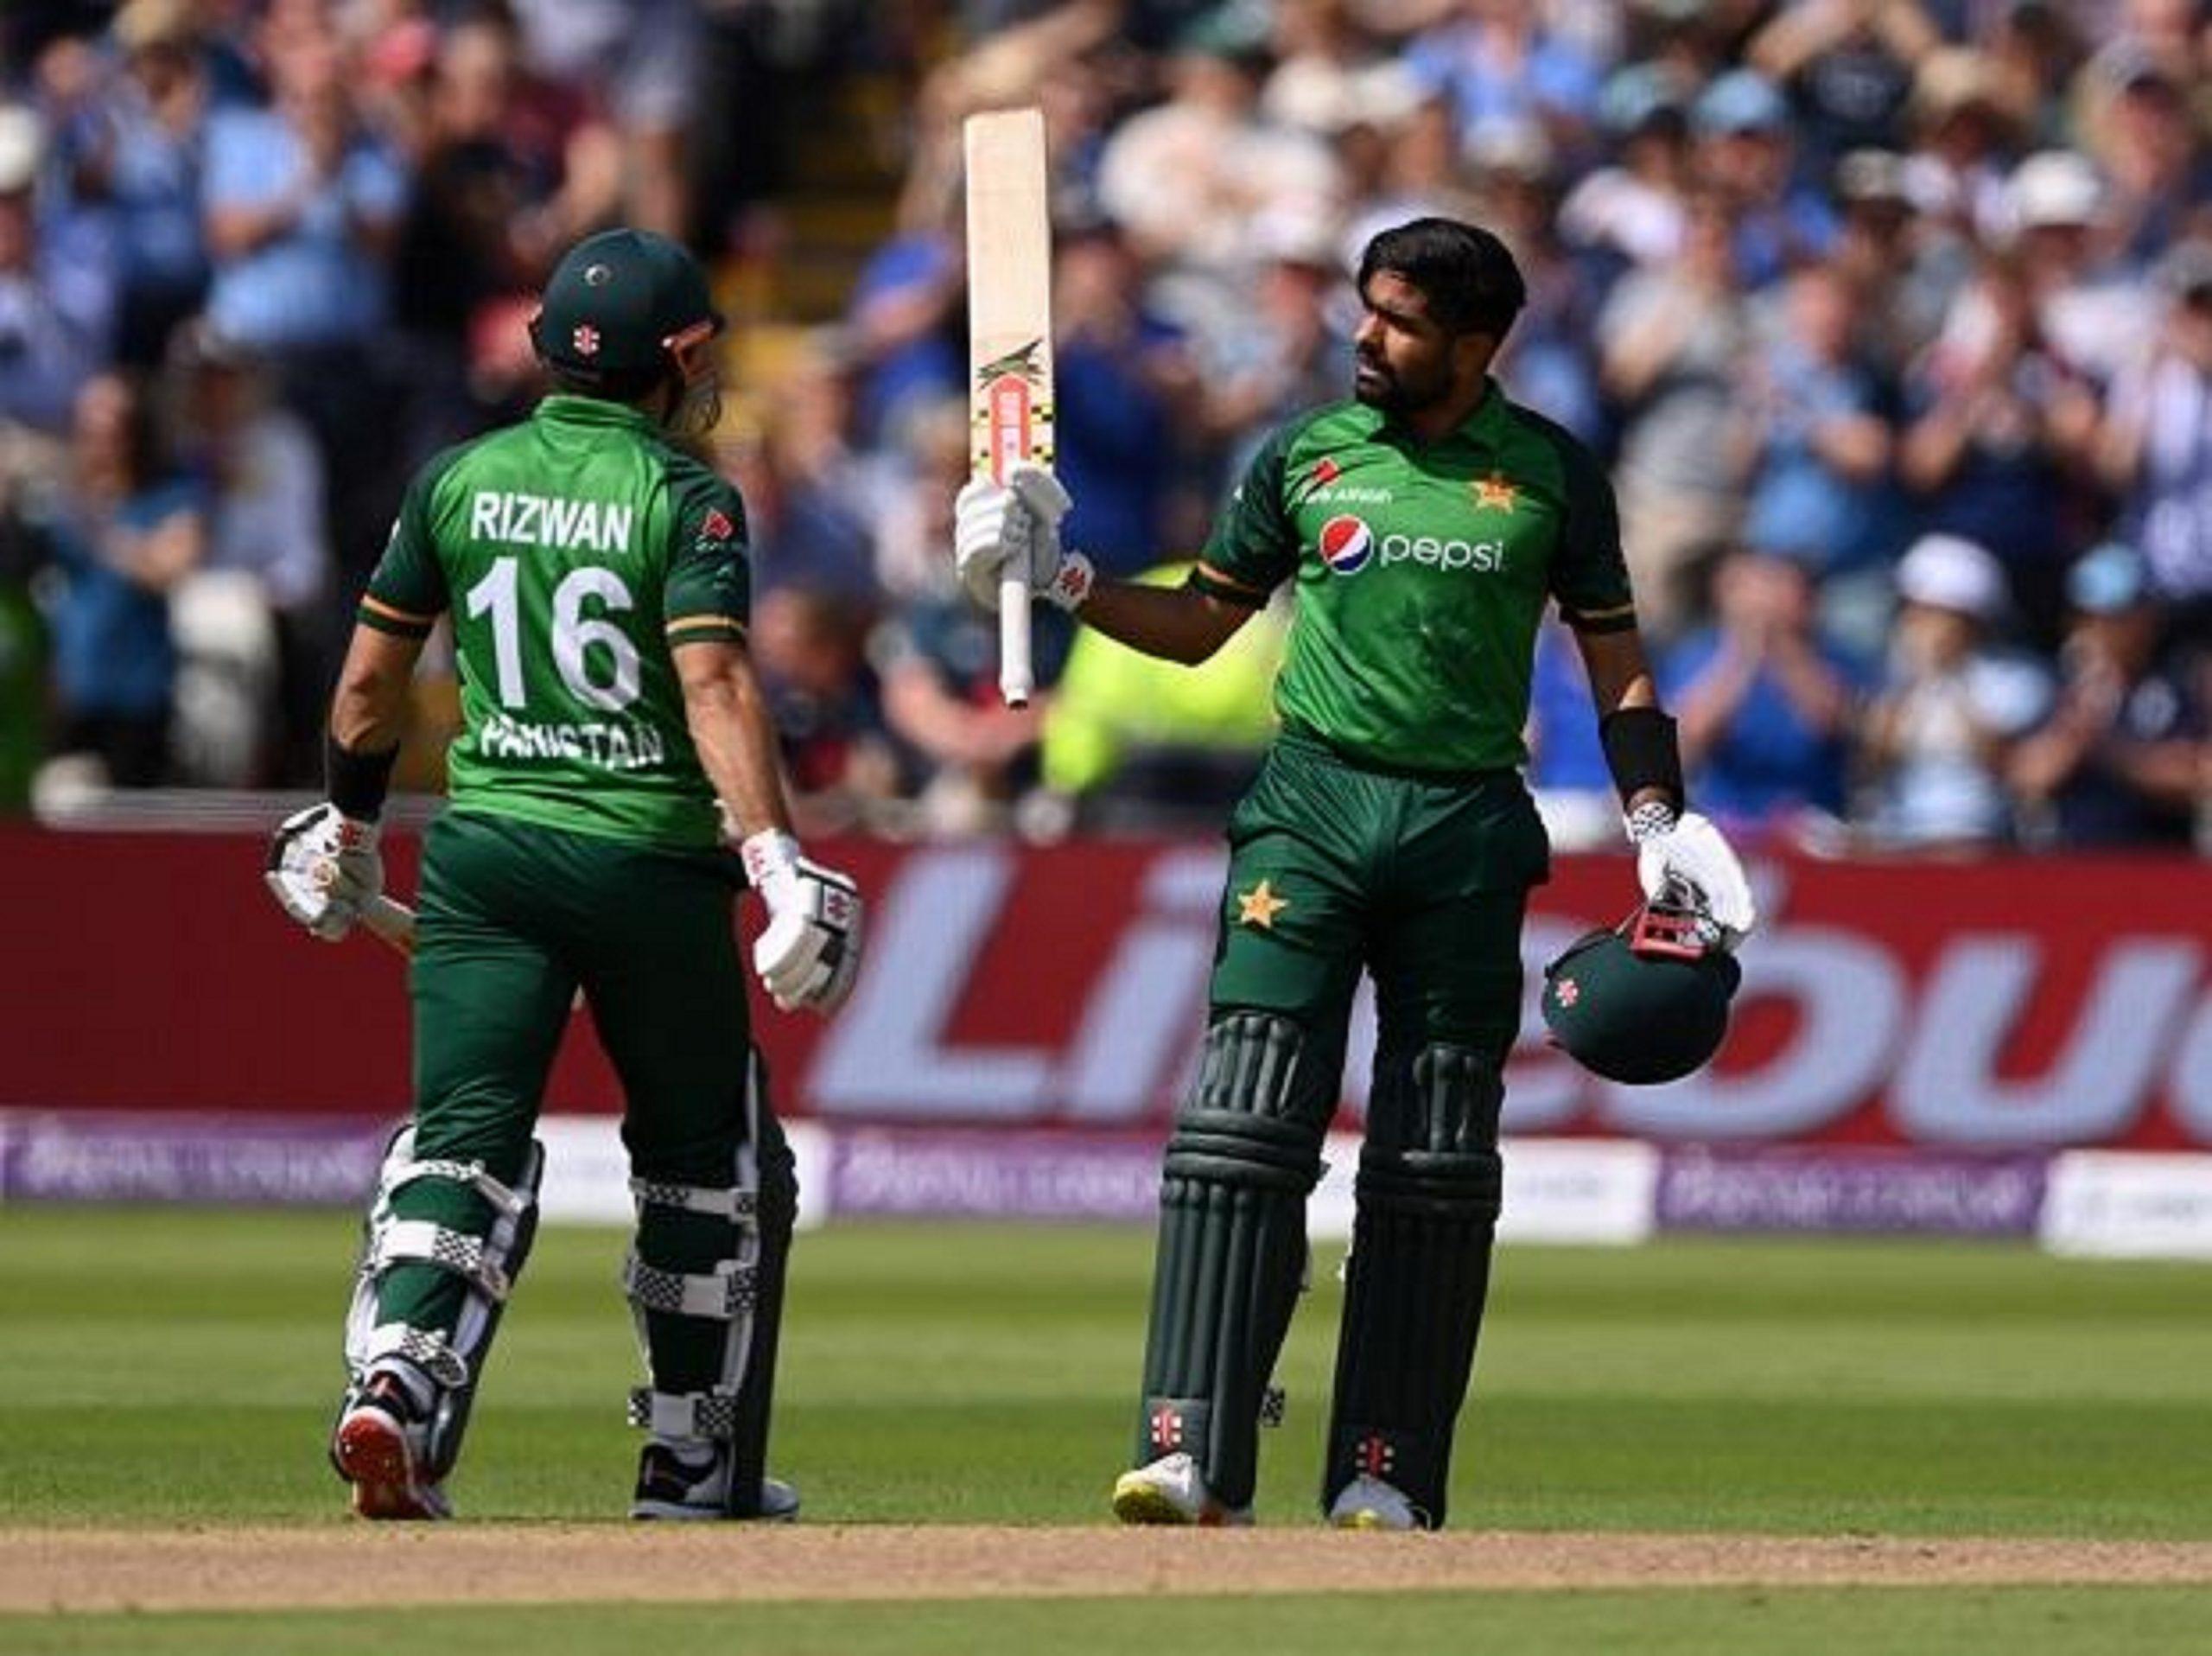 टी–ट्वान्टी क्रिकेटमा इङ्ग्ल्यान्ड माथि पाकिस्तानको जित